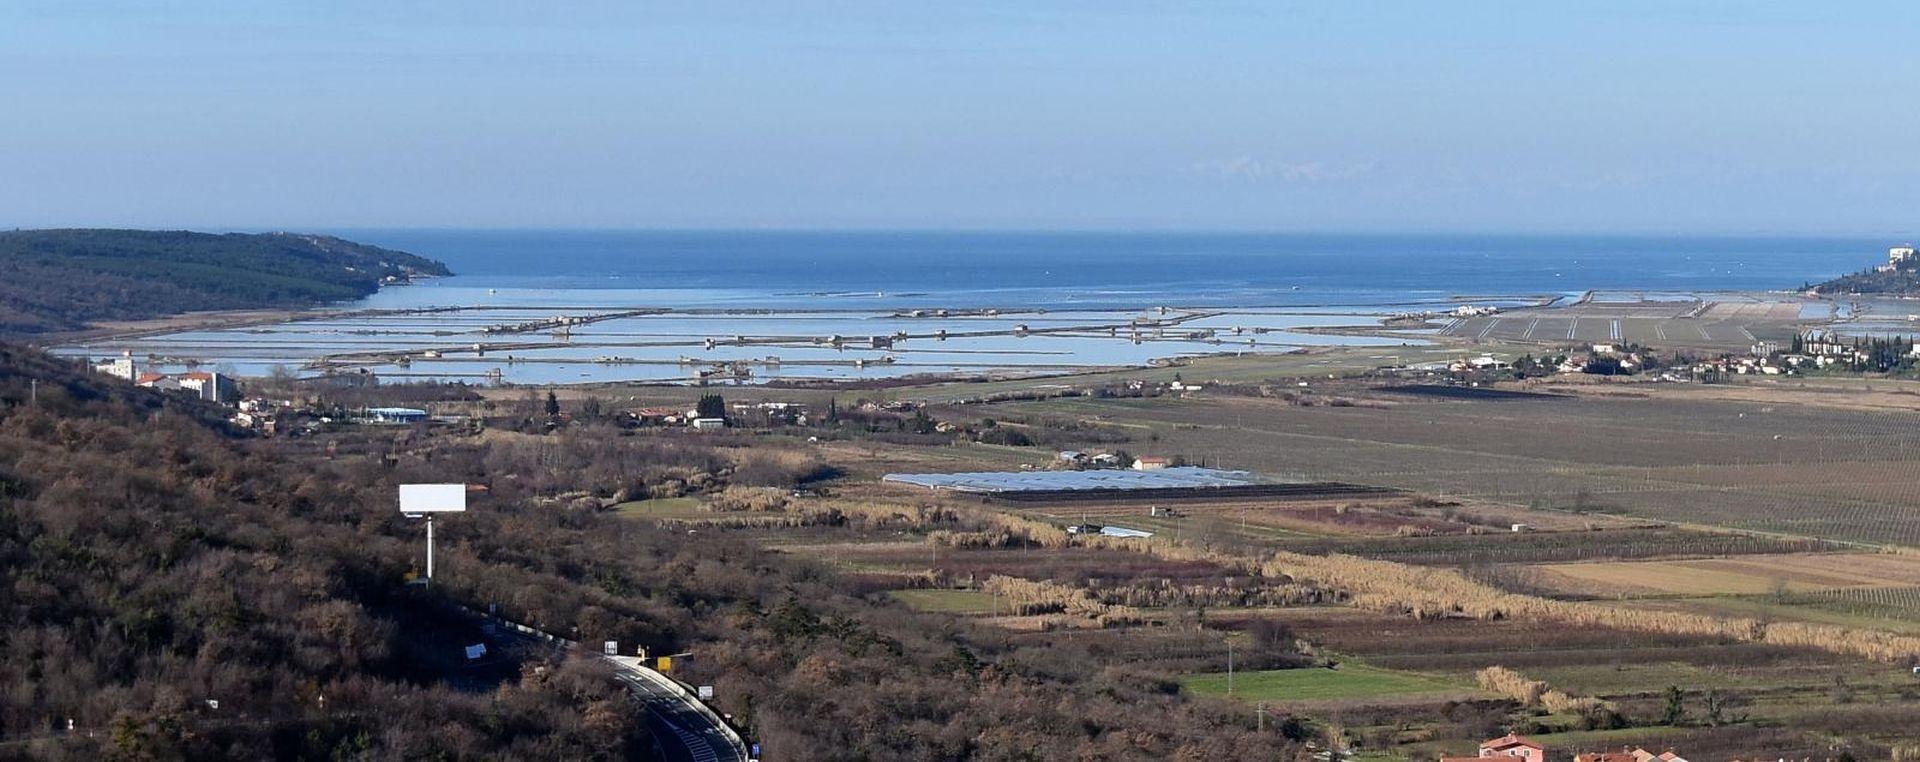 'Kriza u Piranskom zaljevu mogla bi uzrokovati i ljudske žrtve'